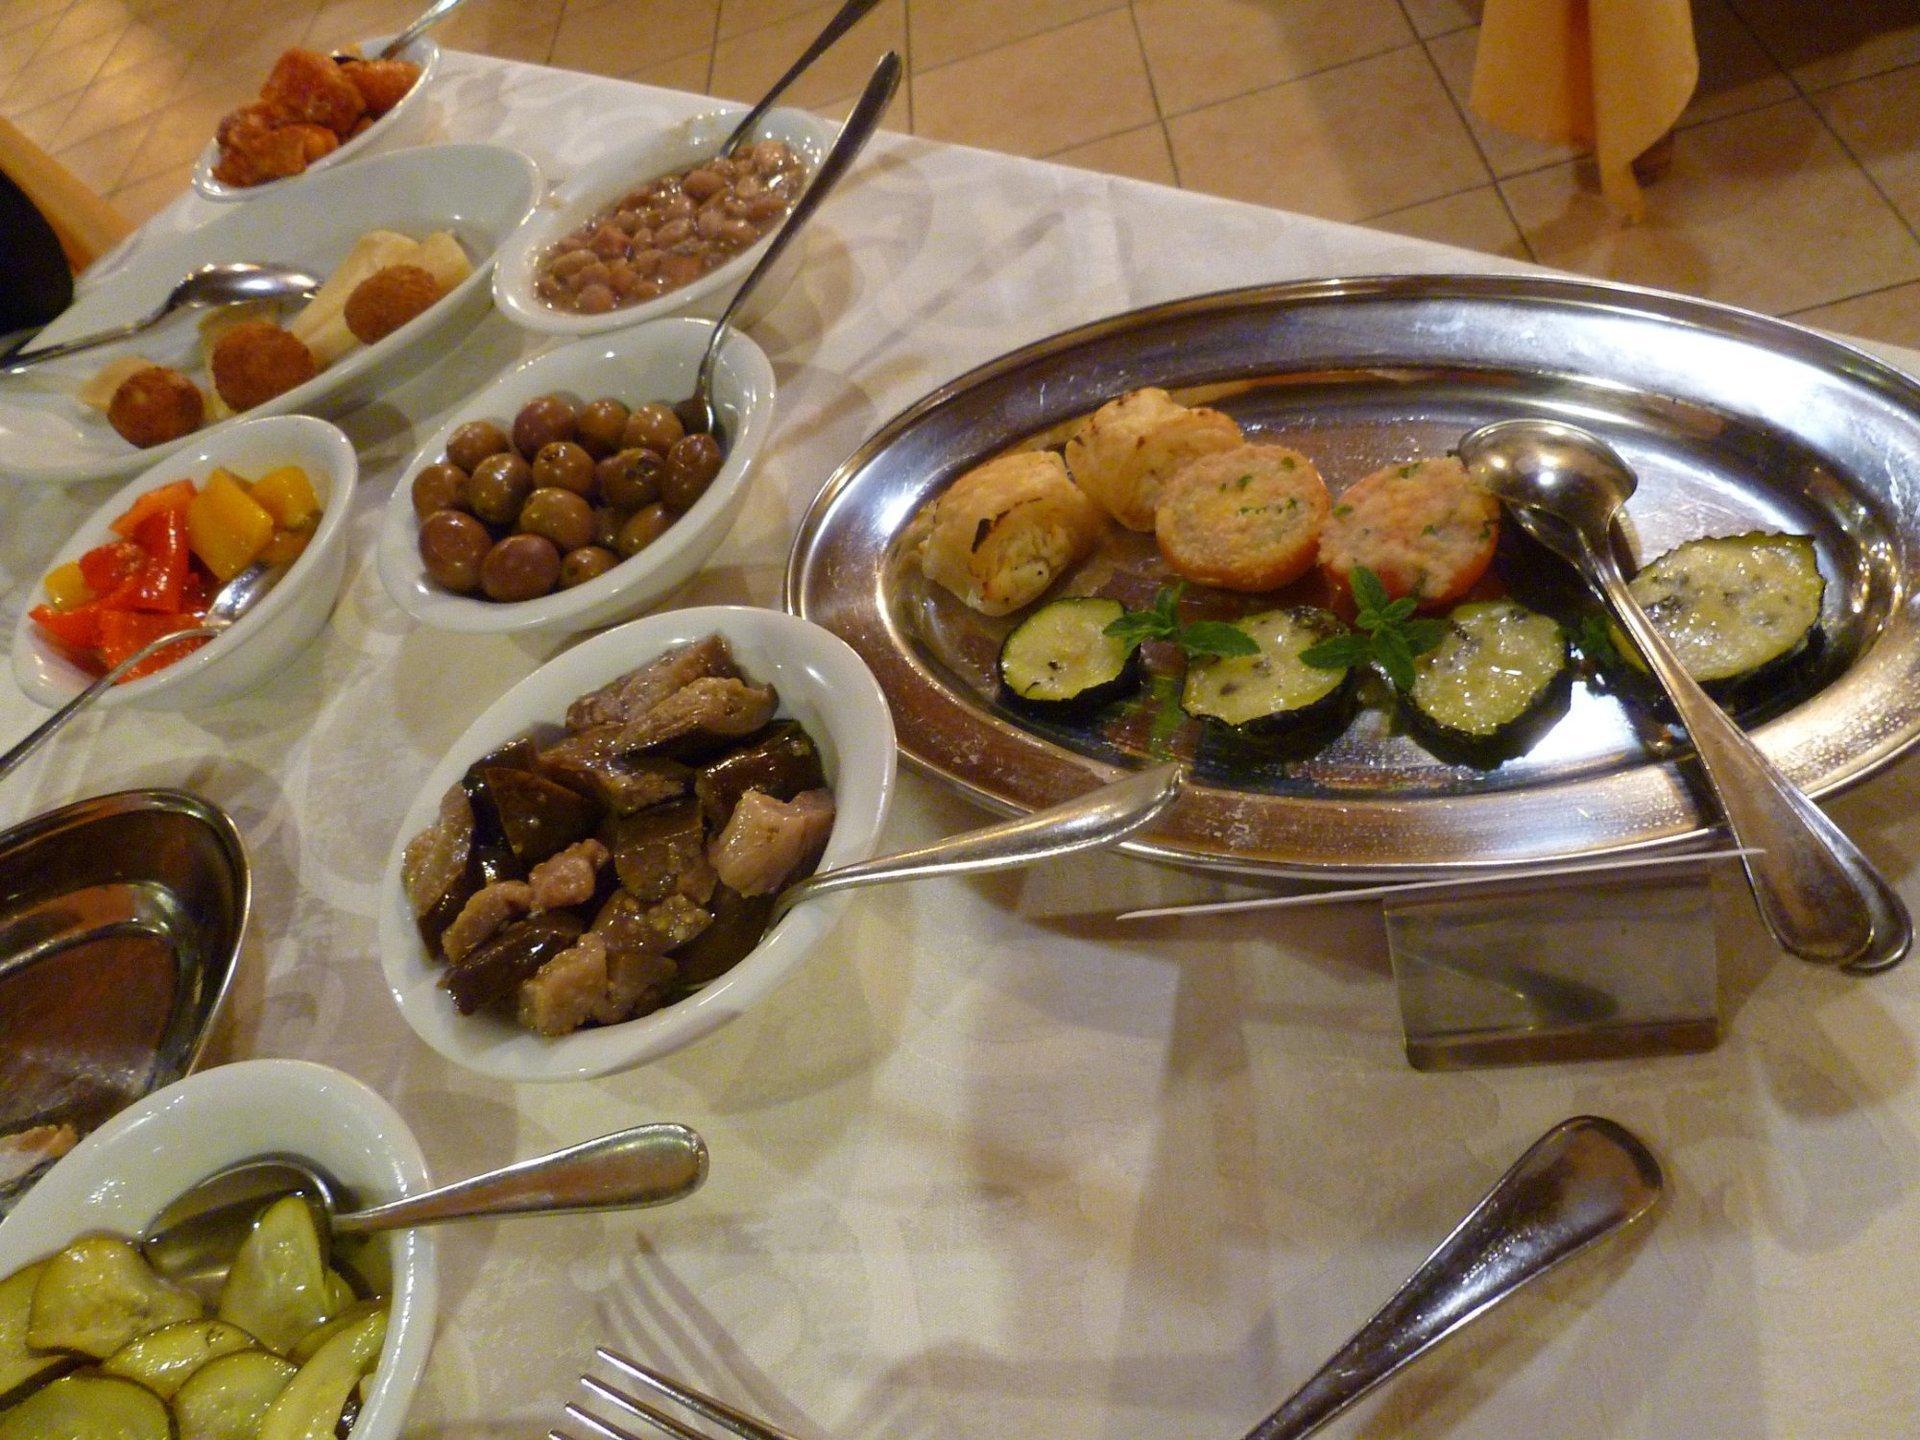 Piatti con melanzane, zucchine e delle olive